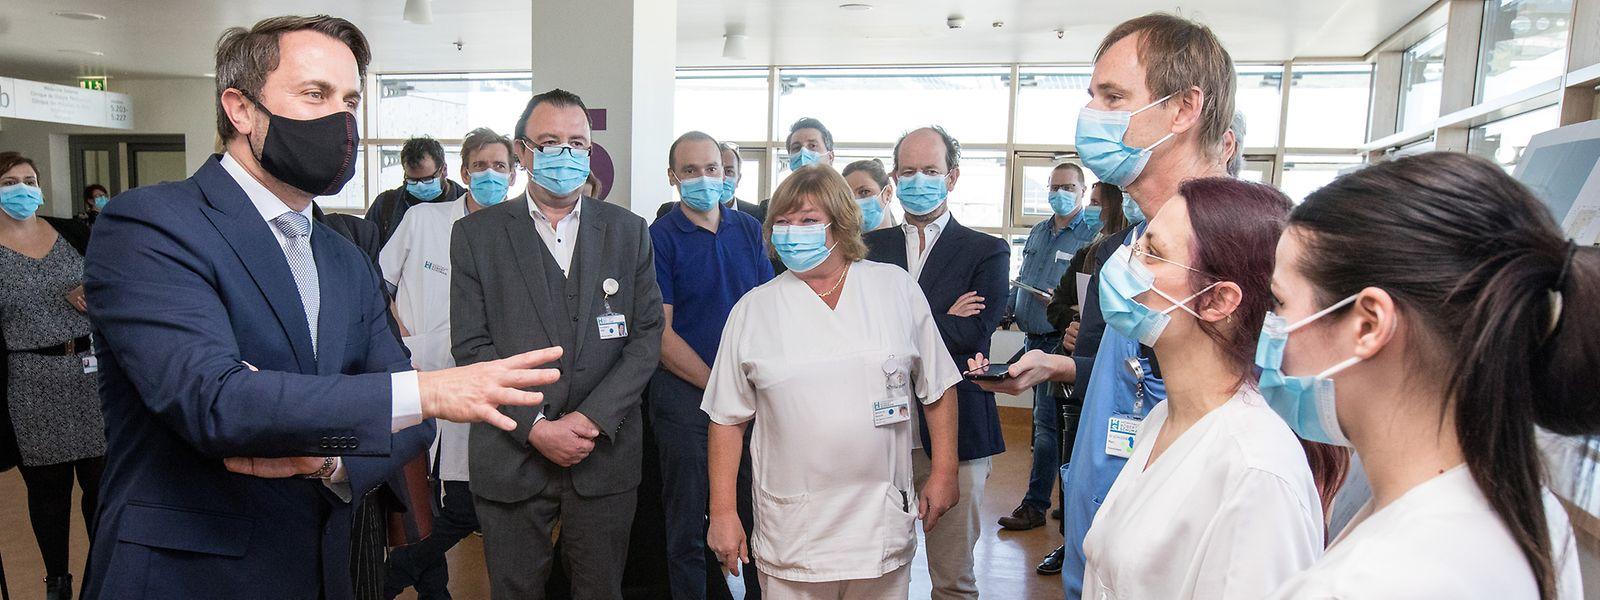 Si, comme ici à l'hôpital Kirchberg, le Premier ministre a souvent eu l'occasion de saluer le rôle des infirmières, Xavier Bettel devrait maintenant écouter leurs doléances